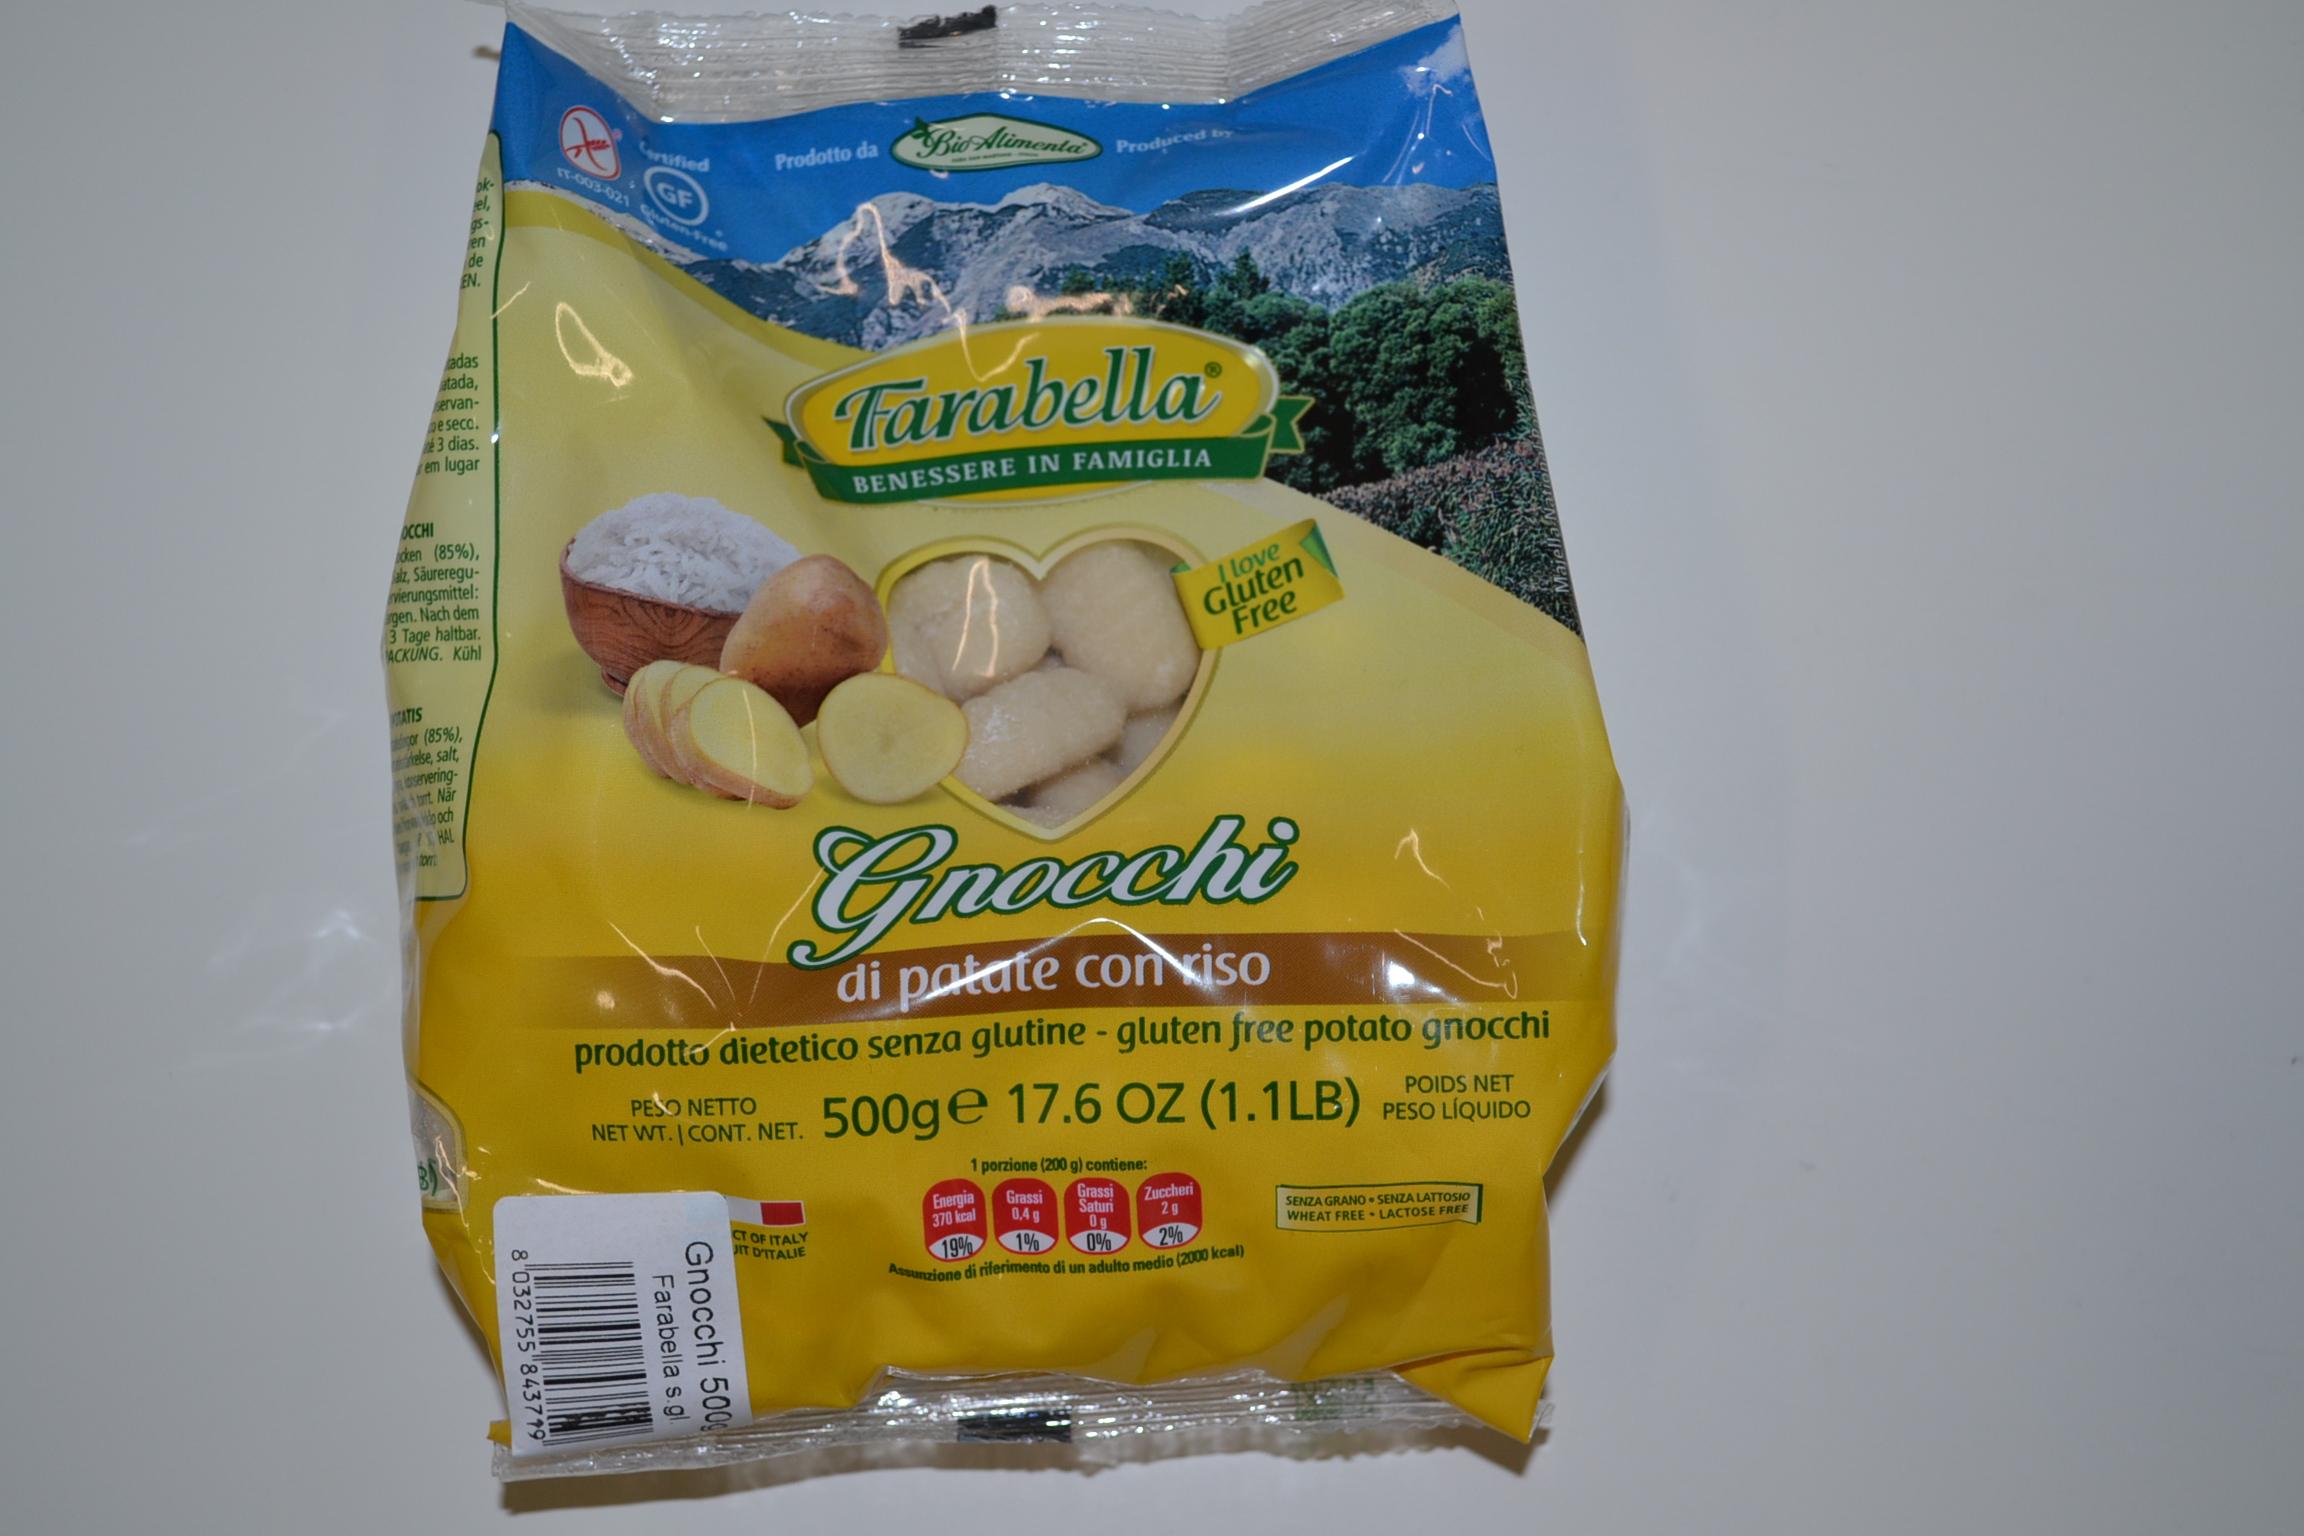 Gnocchi di patate con riso FARABELLA € 3,50